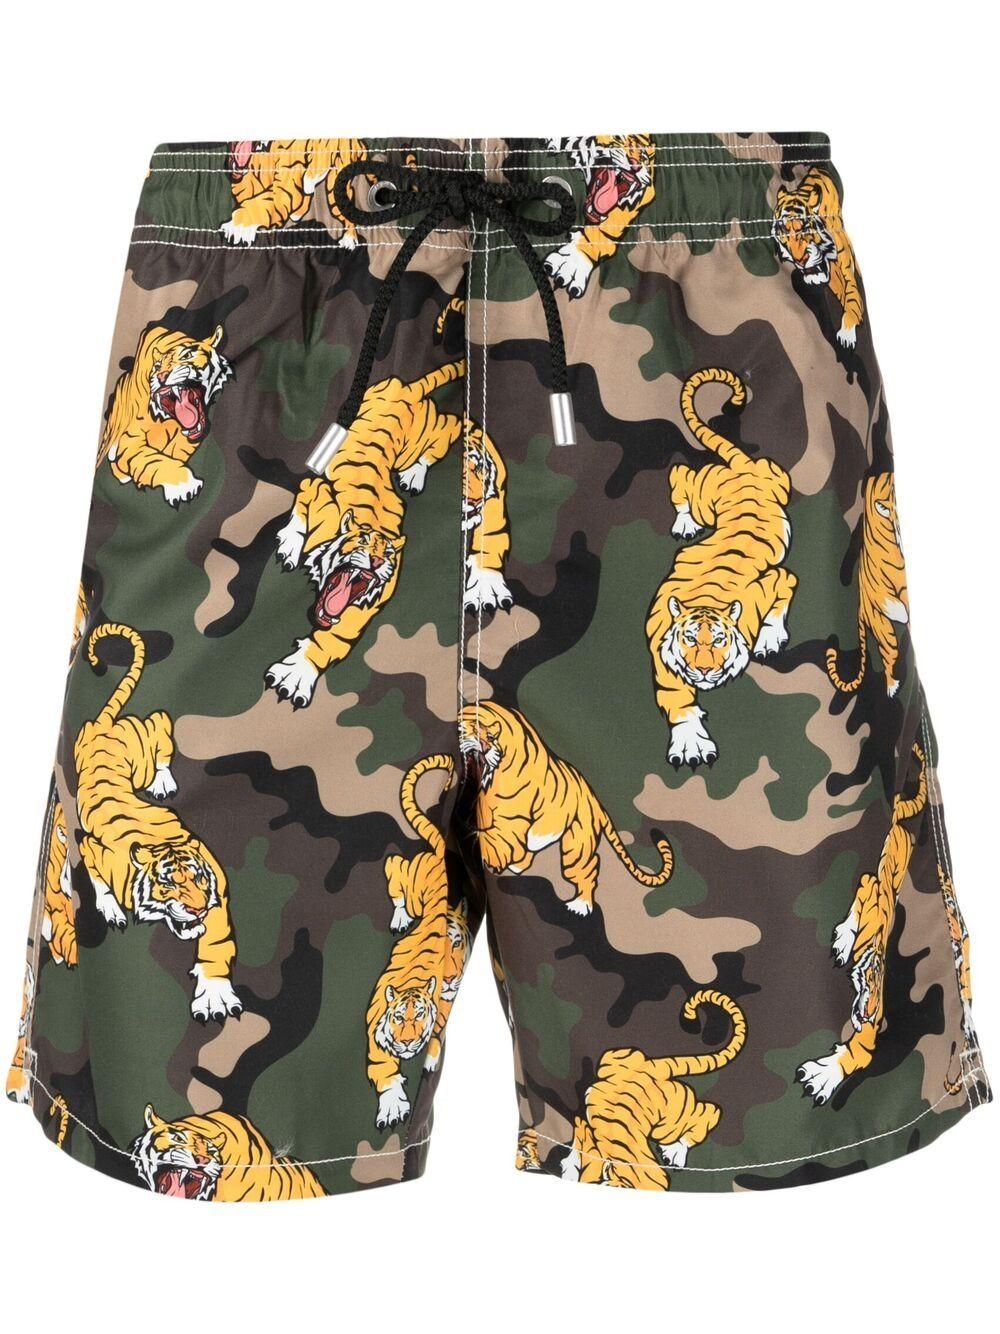 Pantaloncini da bagno mimetici multicolori Gustavia Tiger MC2 | Costumi | GUSTAVIA-VINTAGE MIM TIGER52